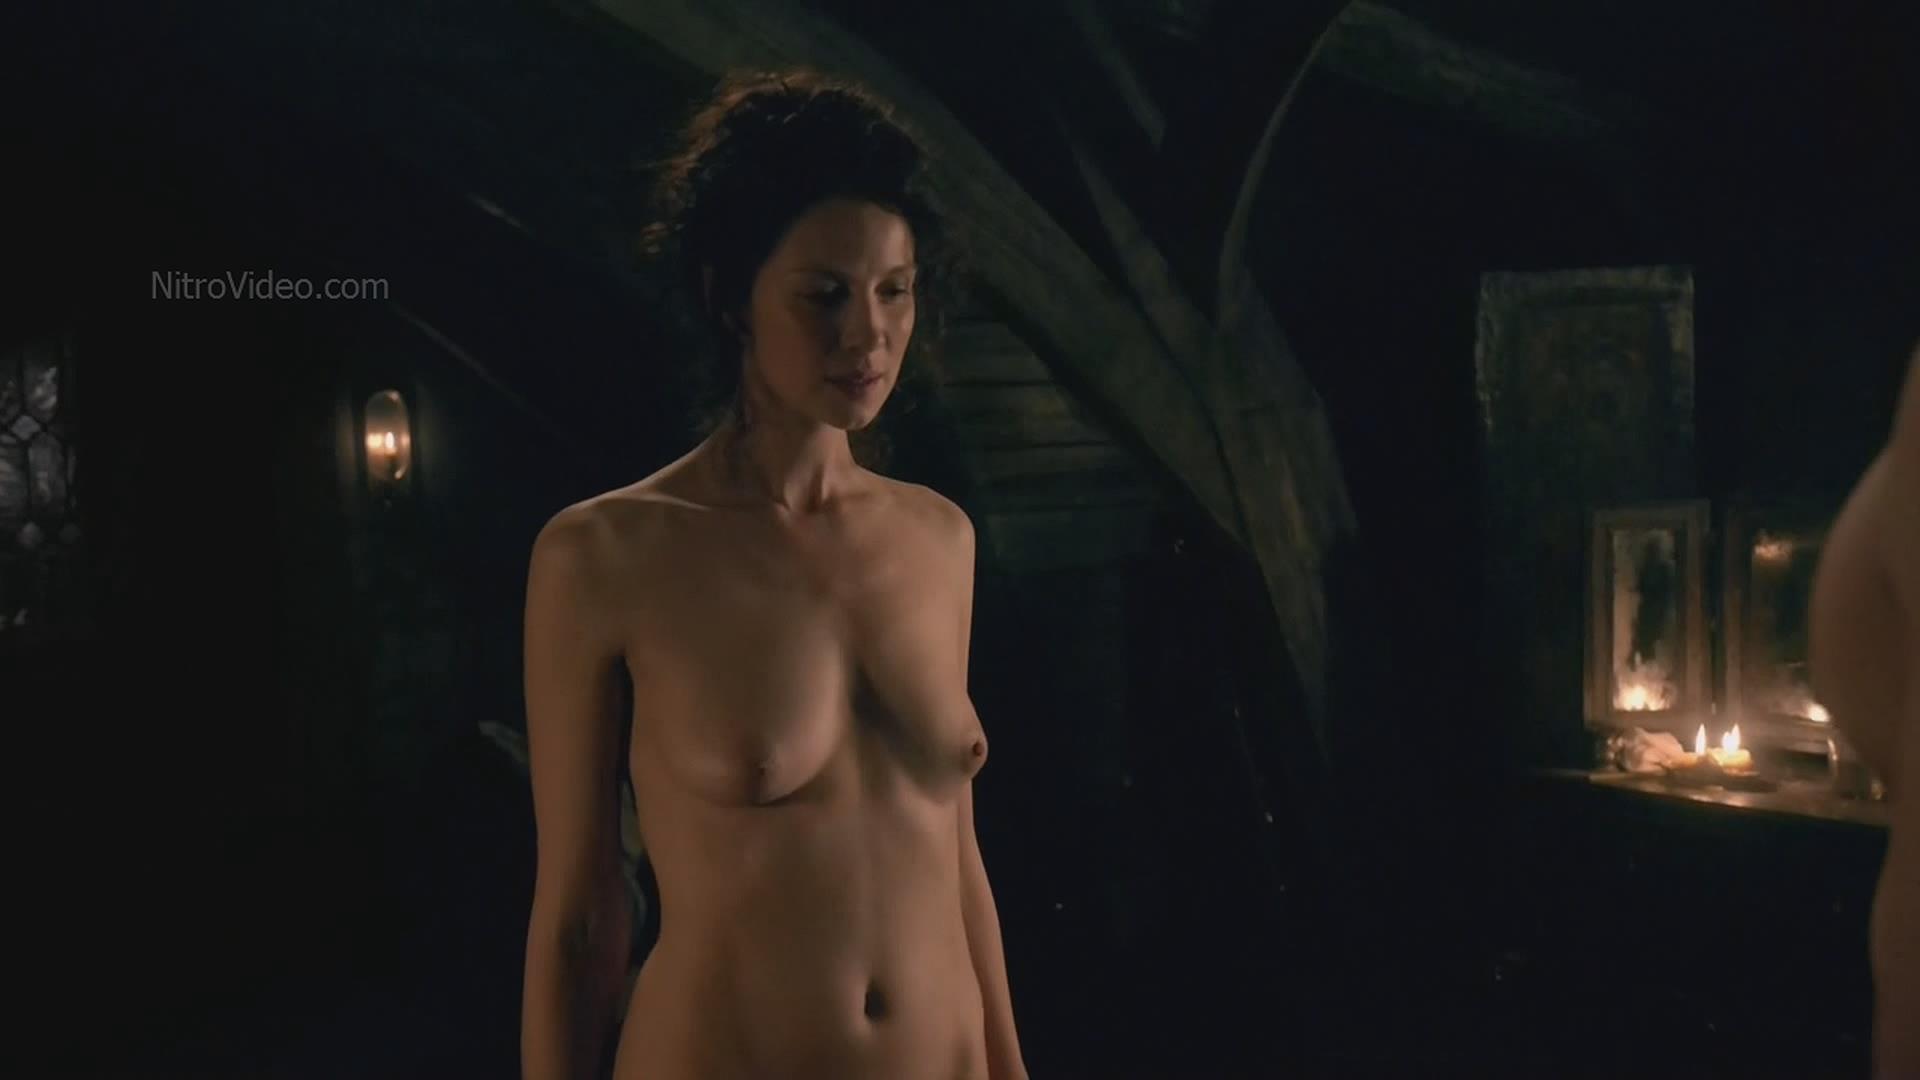 jessica alba sex scene video